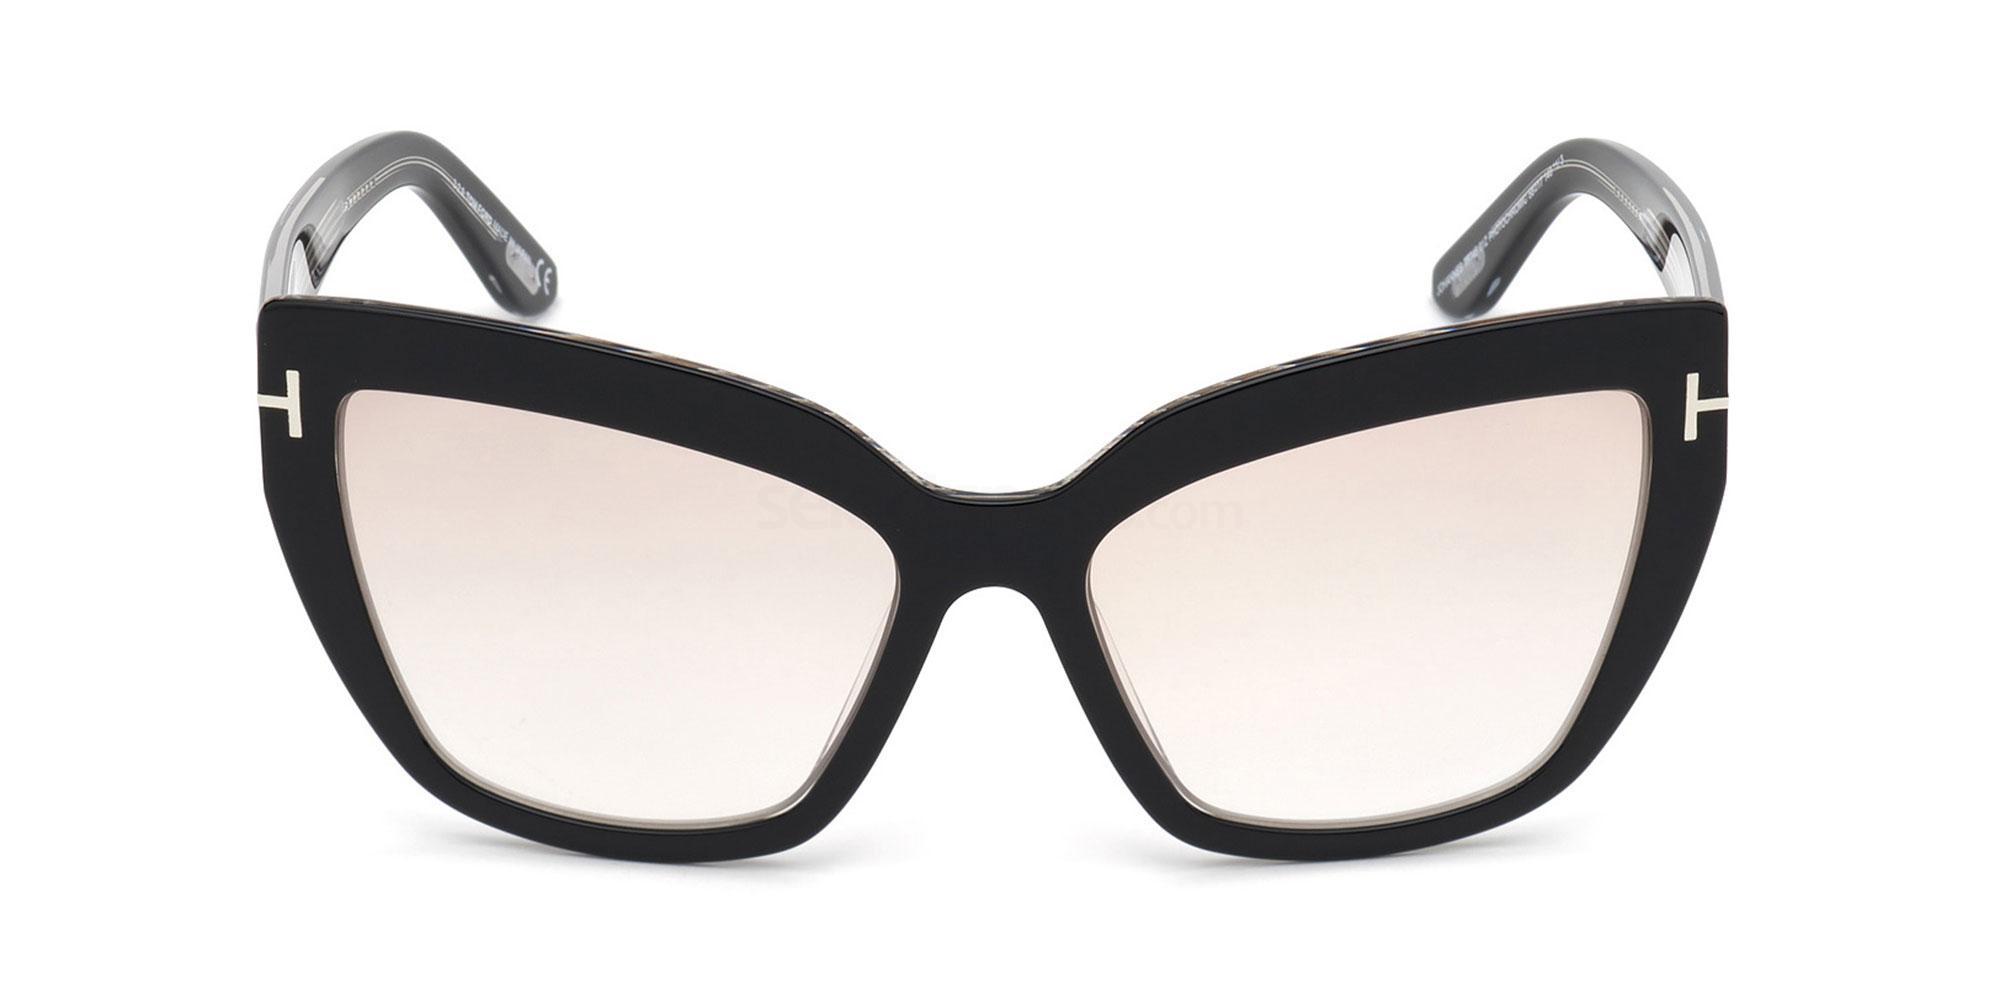 01Z FT0745 Sunglasses, Tom Ford